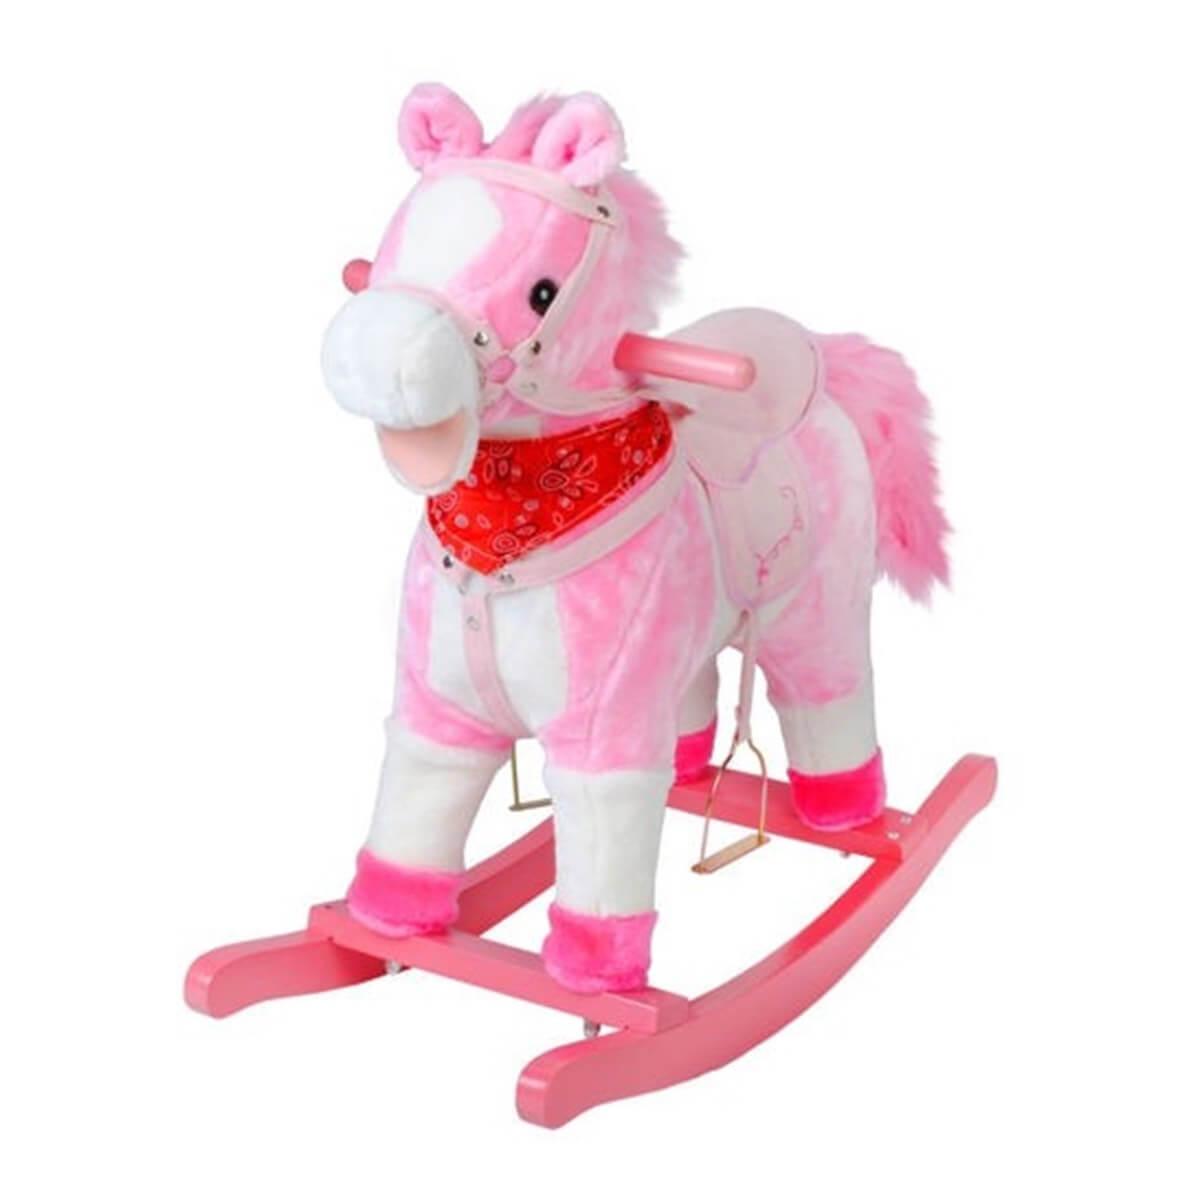 Hojdací koník Milly Mally Mustang s výškou 65 cm - ružový